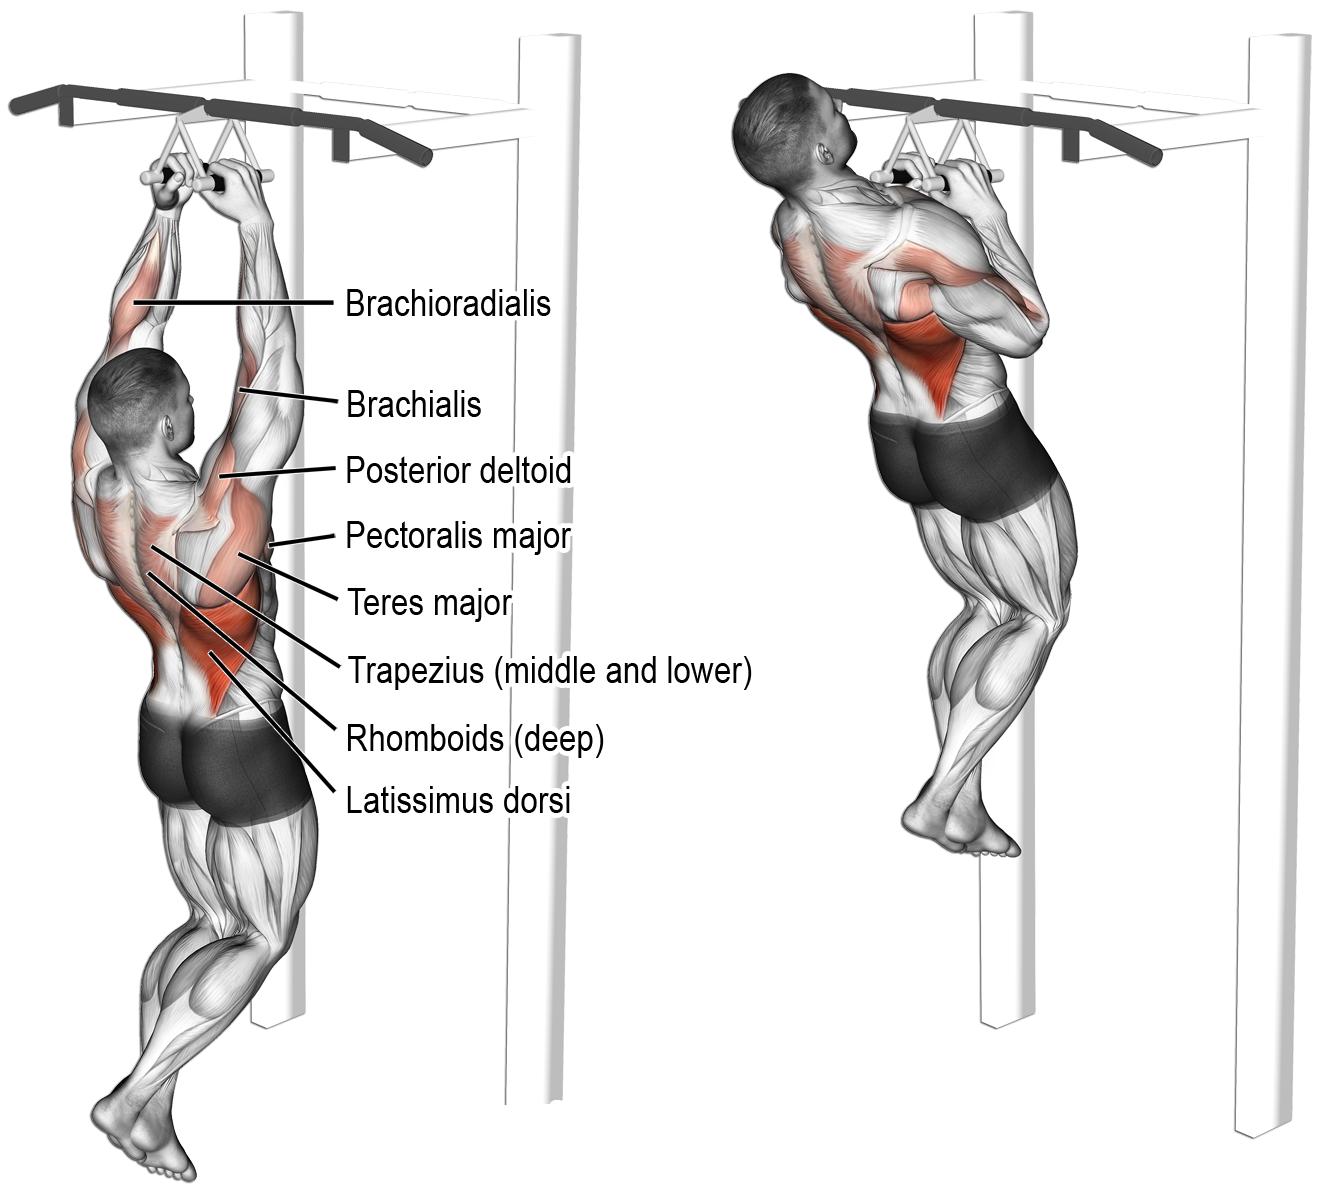 Comment effectuer traction prise neutre dos for Elastique musculation